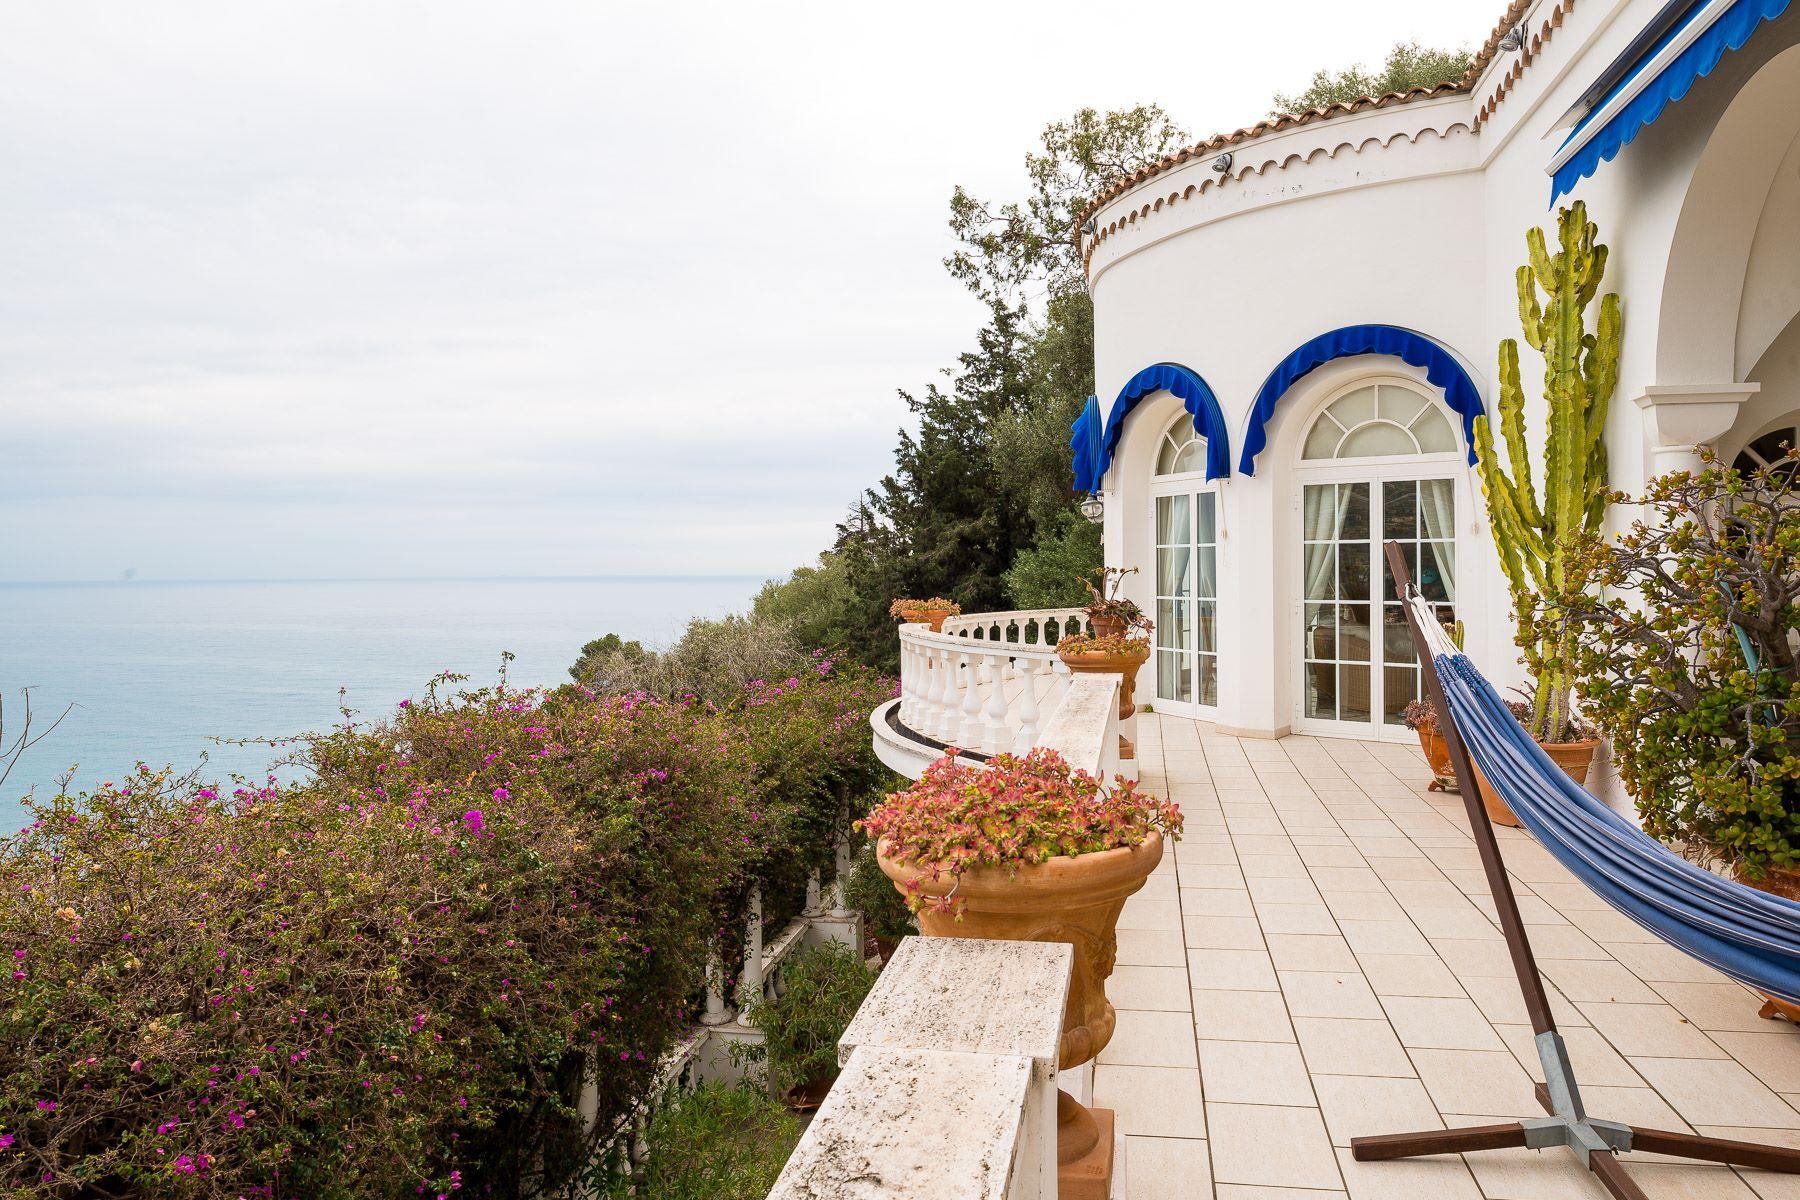 Villa per Vendita alle ore Incantevole Villa con piscina a sfioro fronte mare Corso Montecarlo Ventimiglia, Imperia 18039 Italia